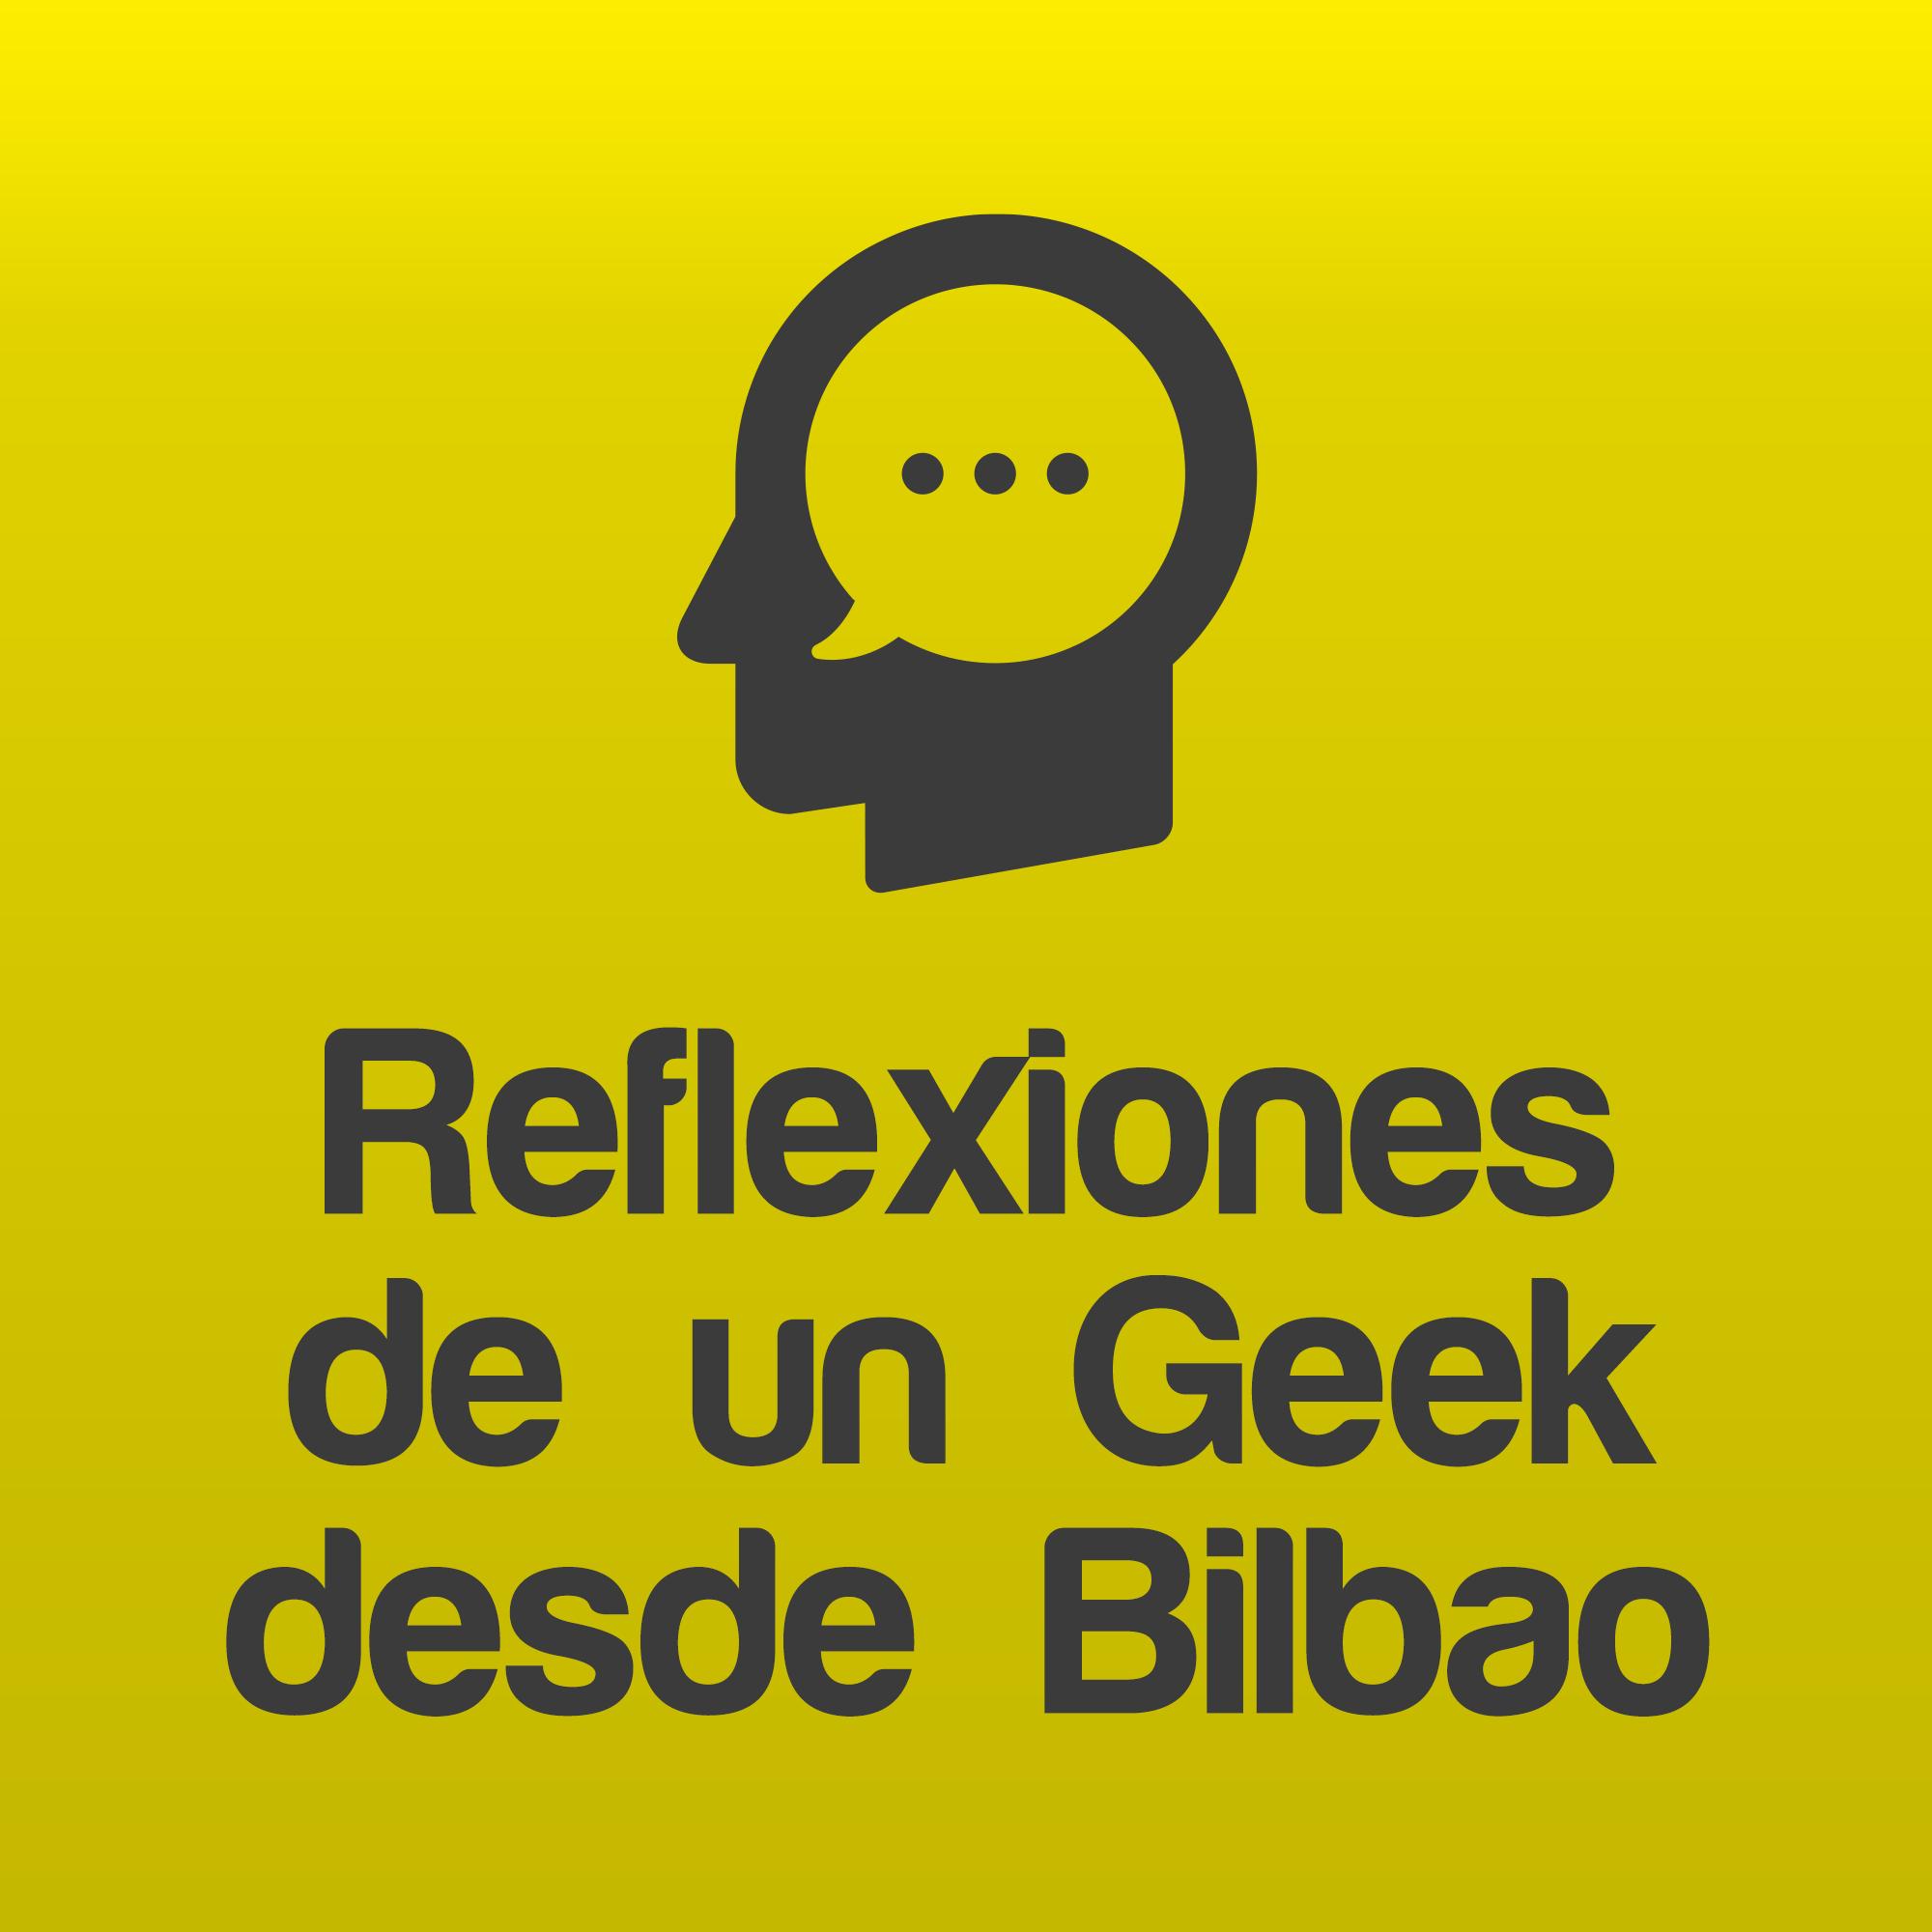 Imagen representativa de Reflexiones de un Geek desde Bilbao